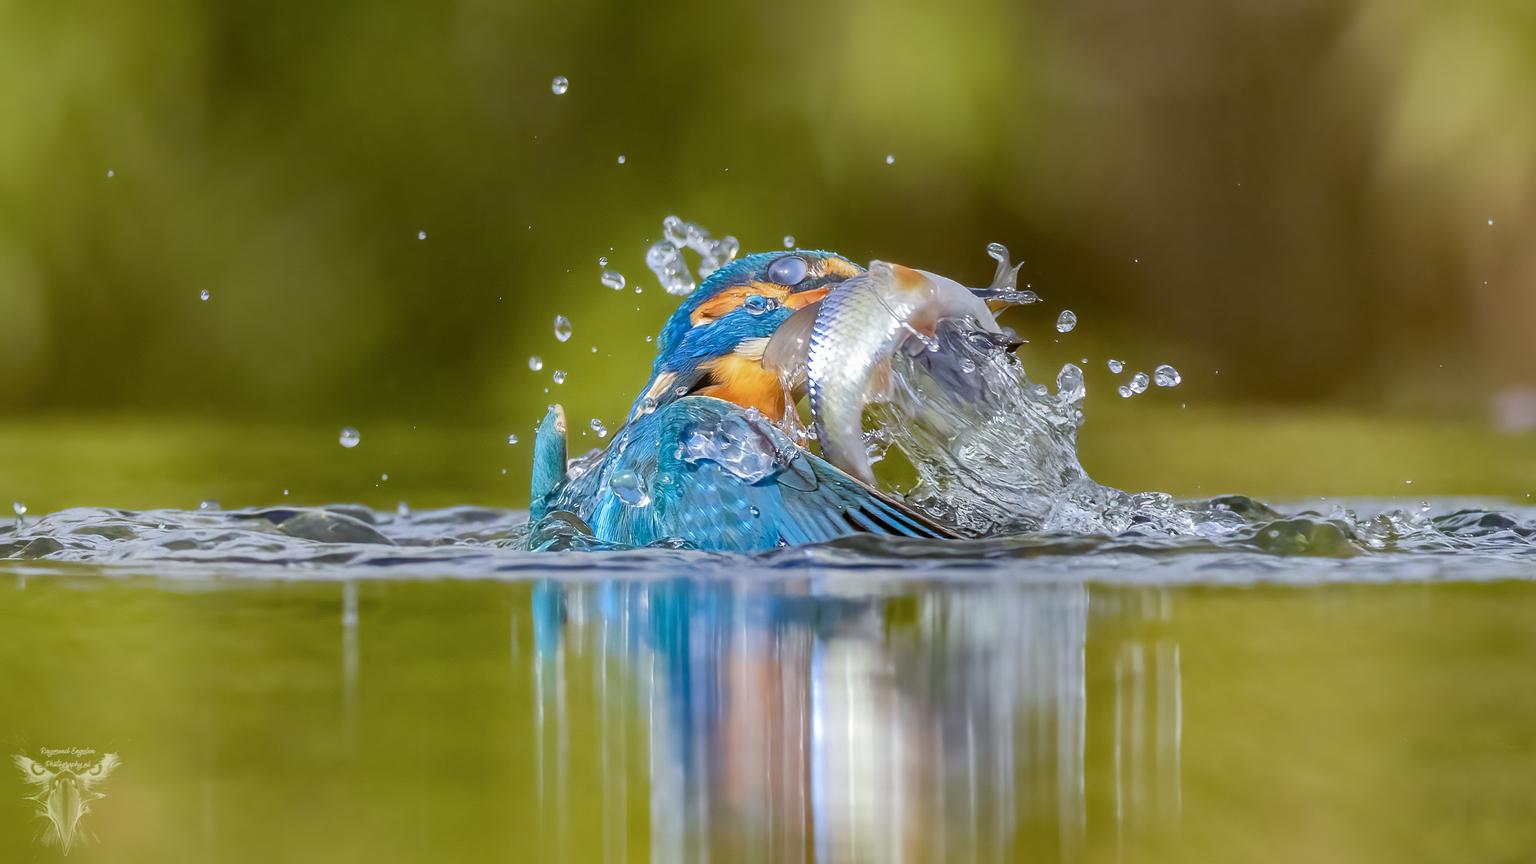 ijsvogel - ijsvogel met visje  - foto door Raymond50 op 13-04-2021 - deze foto bevat: ijsvogel, kingfisher, water, vloeistof, gewervelde, bek, vloeistof, natuurlijk landschap, lichaam van water, meer, waterloop, vogel